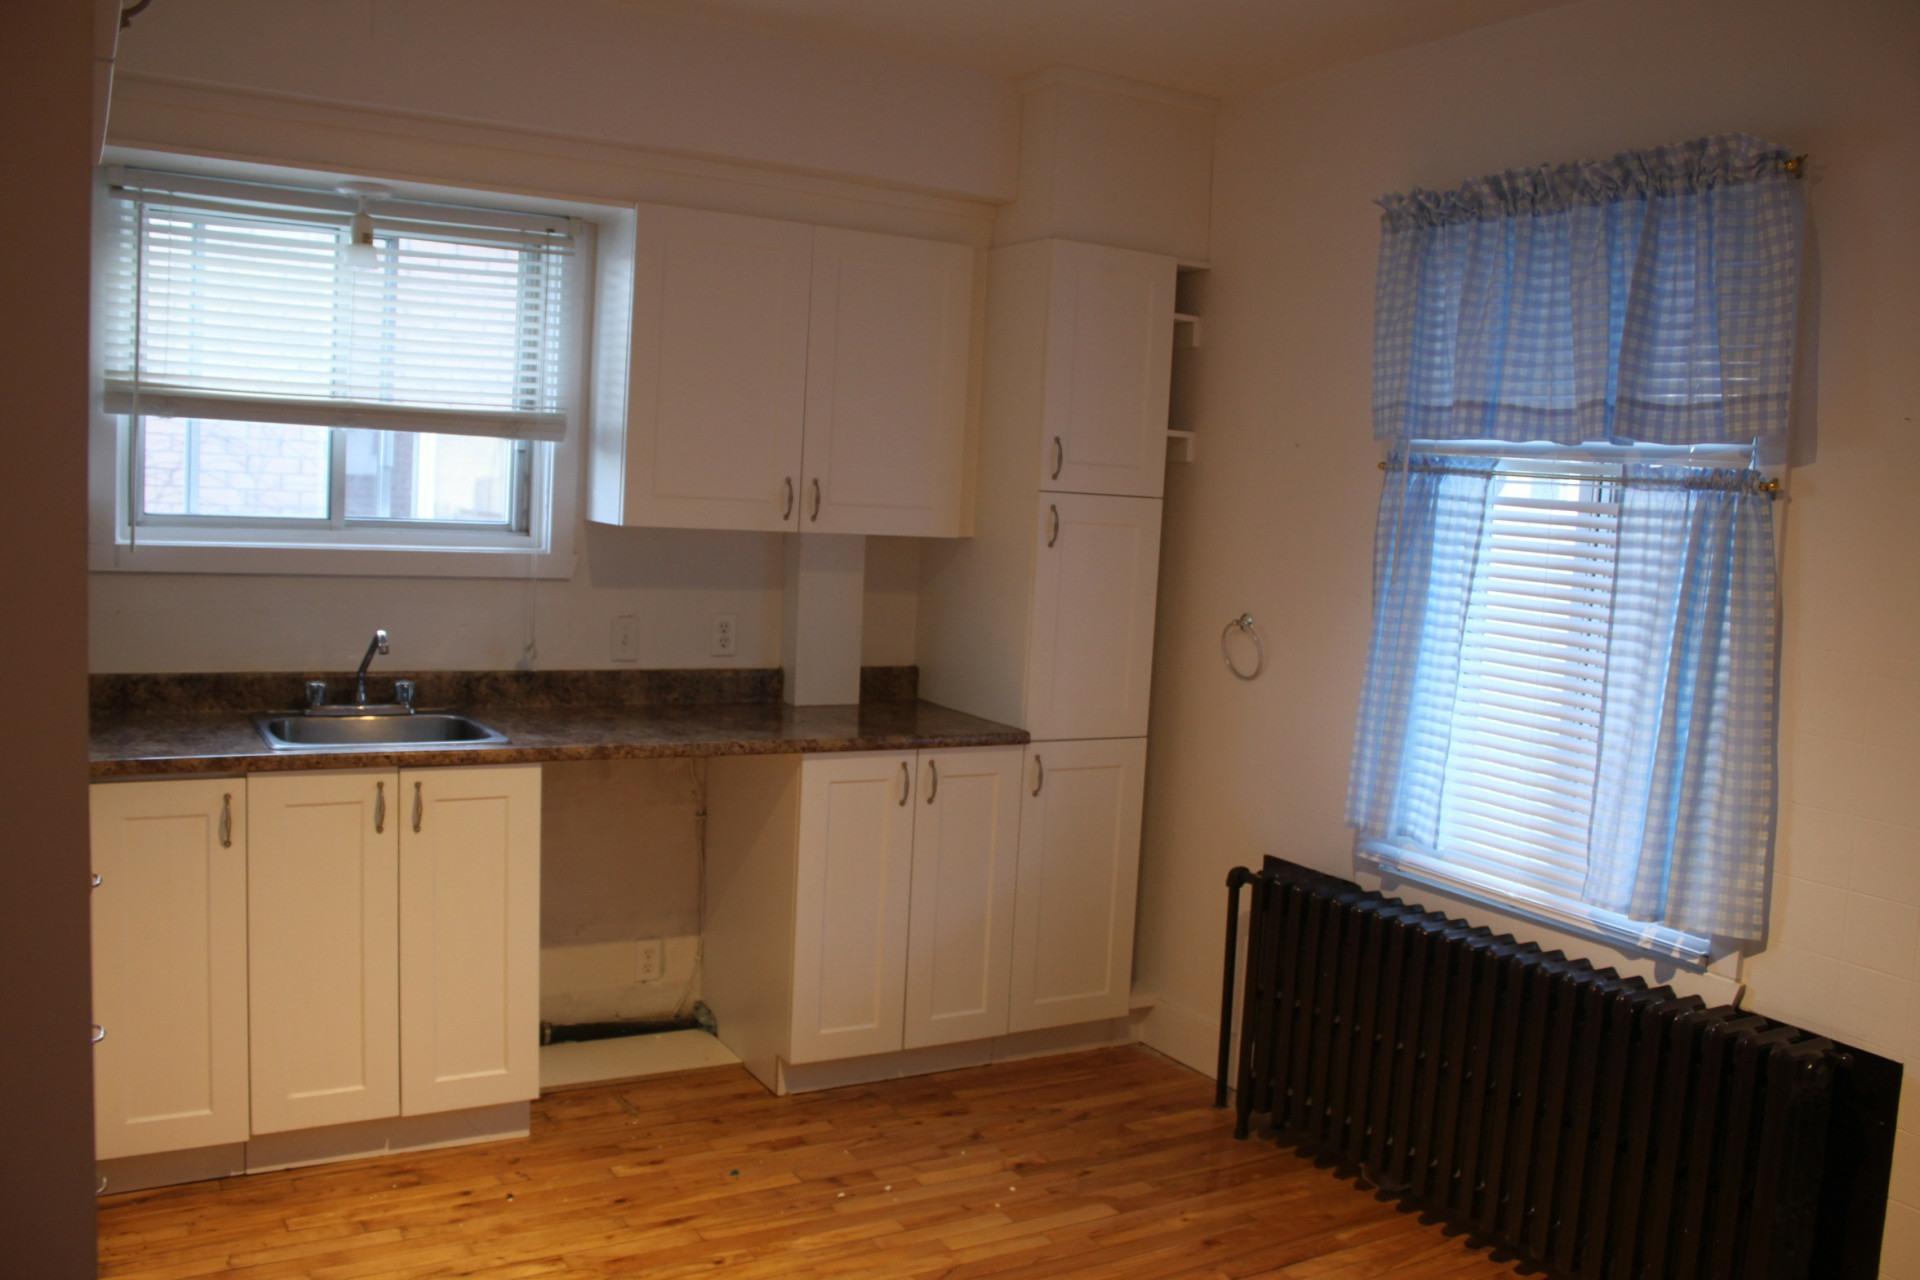 image 7 - Apartment For rent Montréal Mercier - 3 rooms